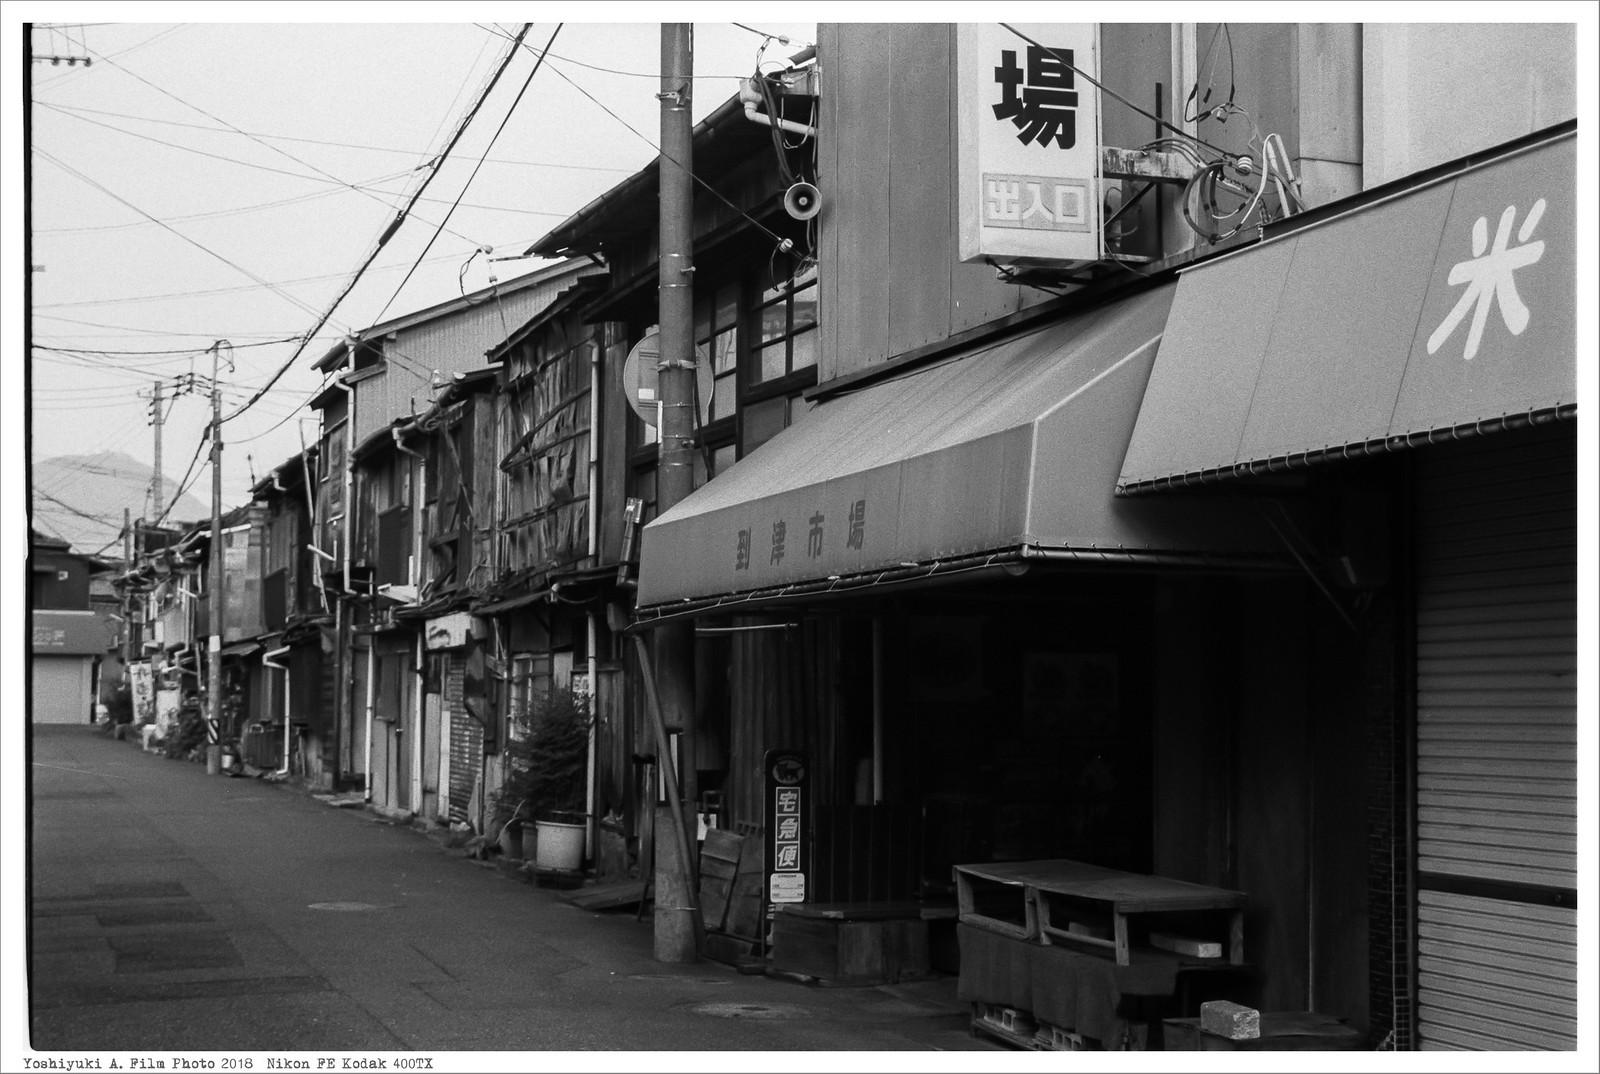 北九州市小倉 到津市場 Nikon_FE_Kodak_400TX__51